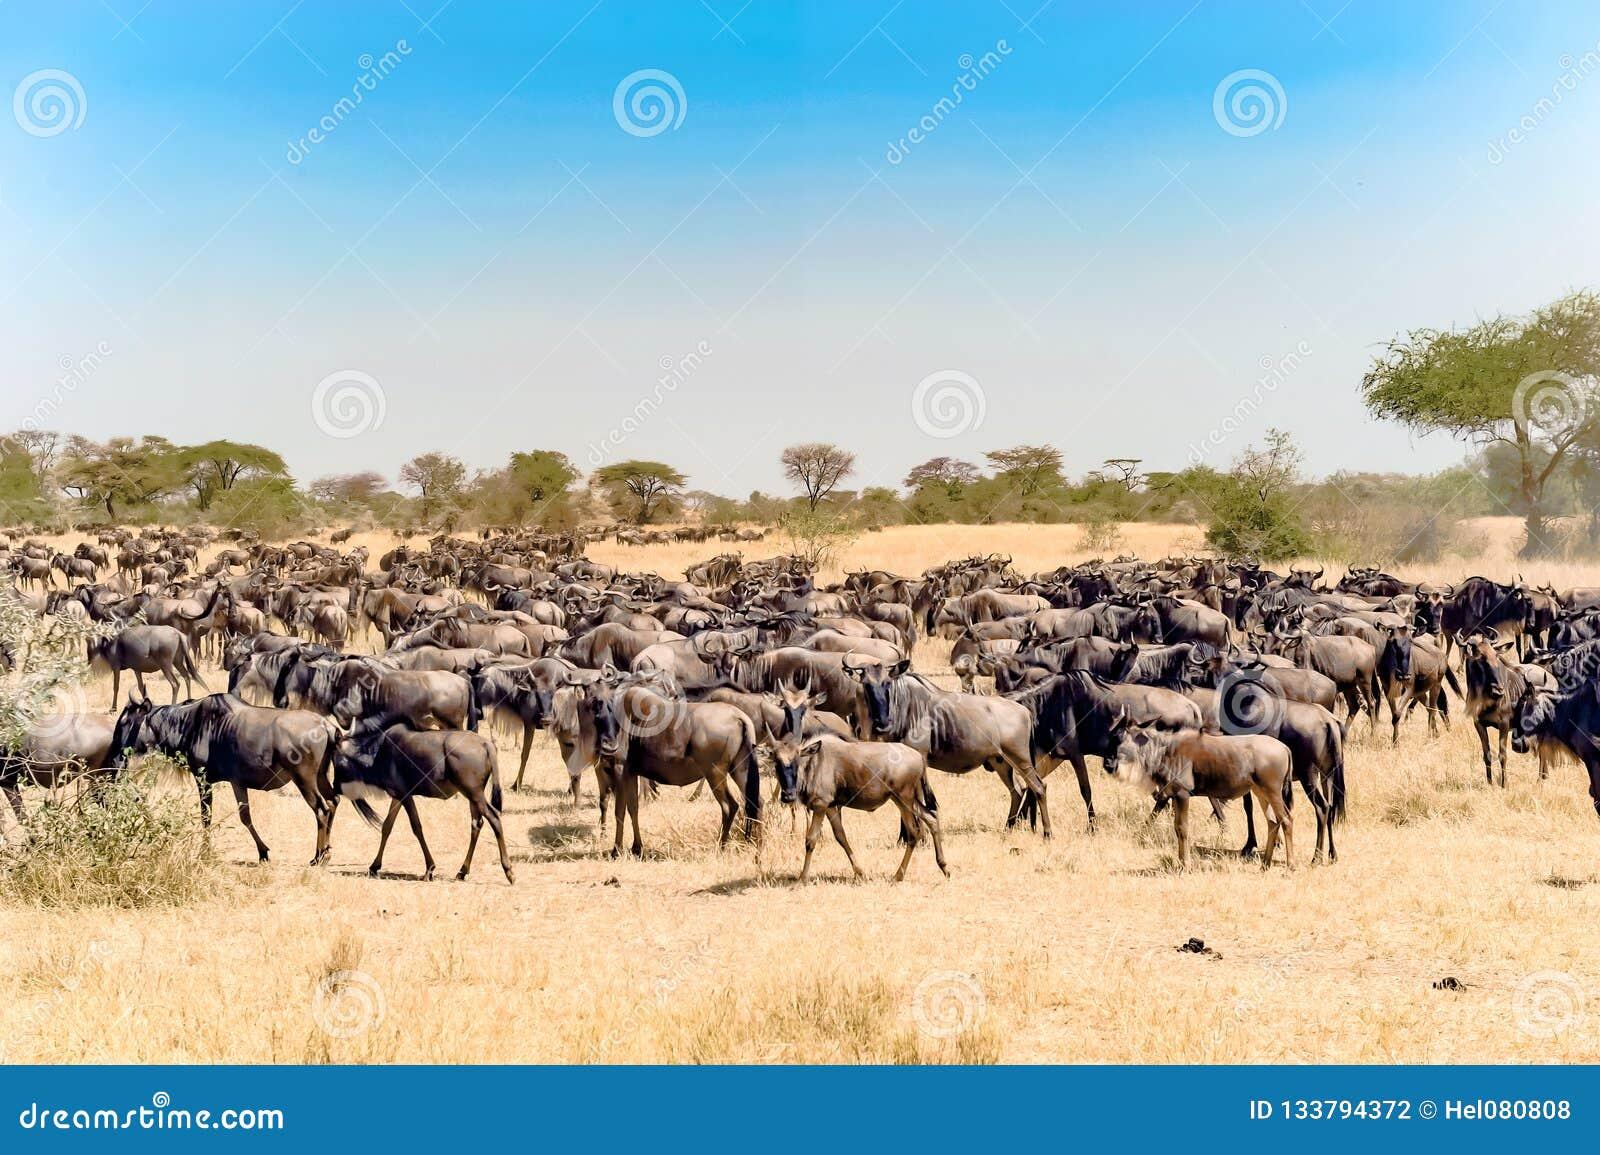 Gnu - Gnus zur großen Migrationszeit in der Savanne von Serengeti, Tansania, Afrika